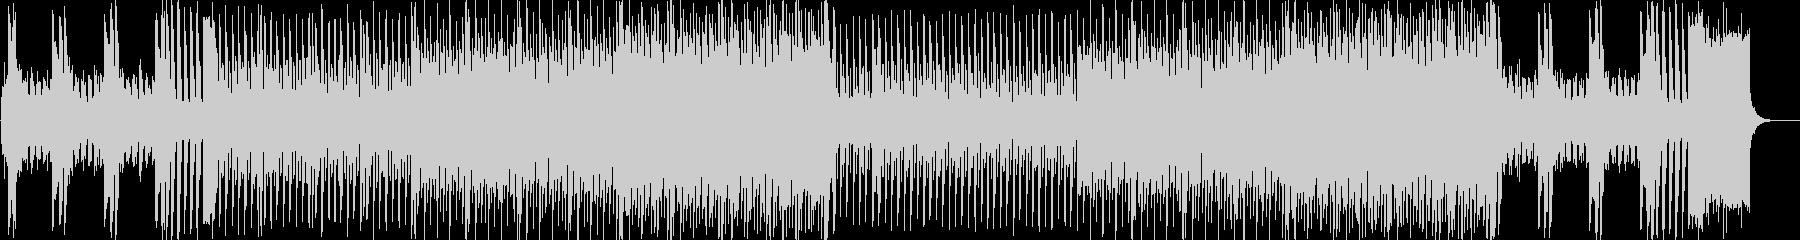 ピアノイントロ、キラキラしたJPOP風cの未再生の波形